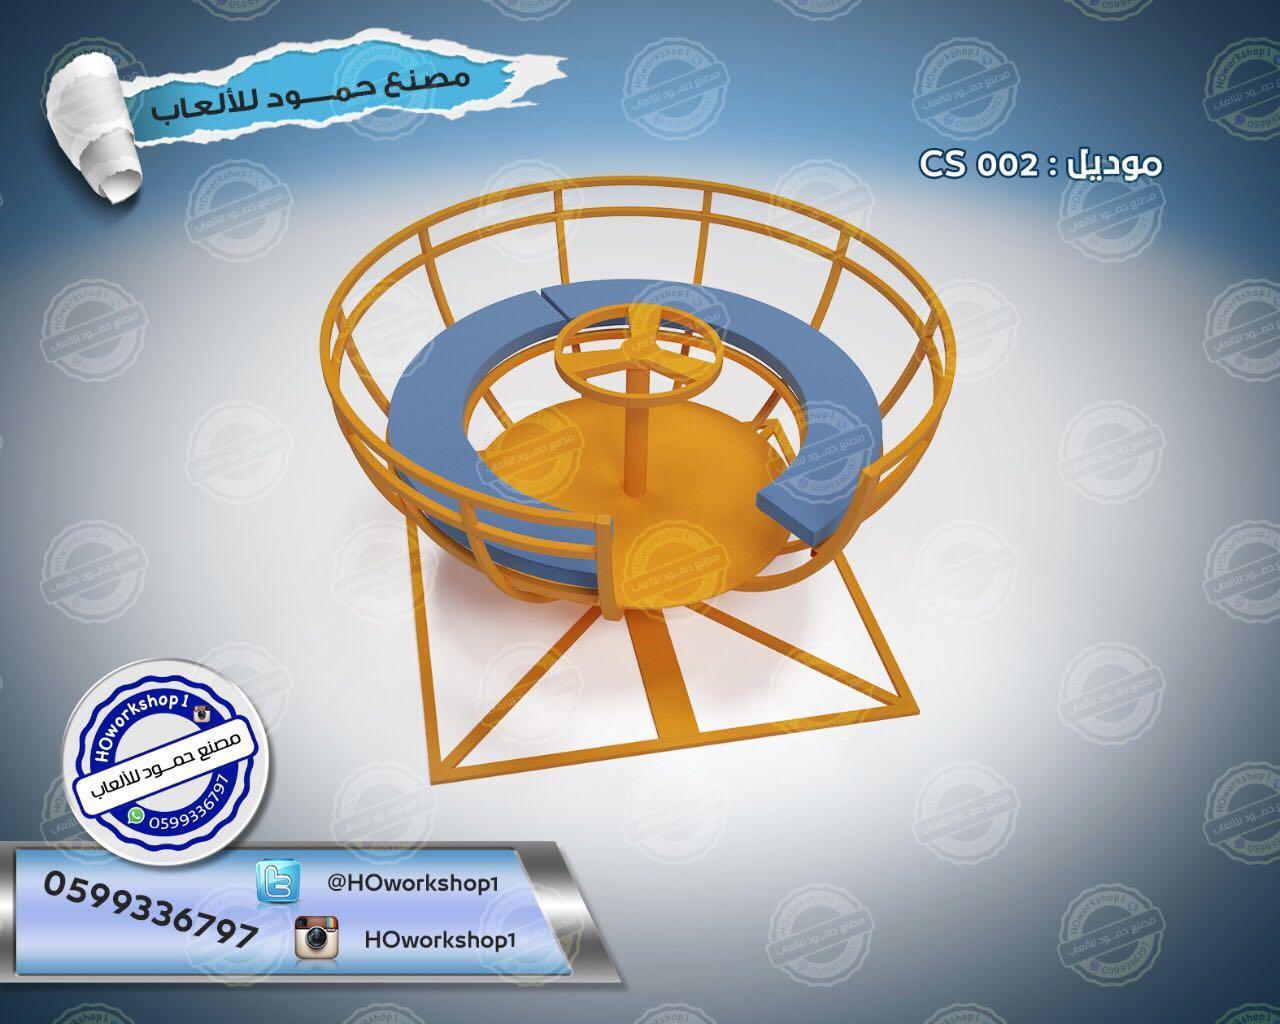 مراجيح سلم التسلق صحن دوار الميزان نطيطات العاب الهزازة 0599336797 664258799.jpg